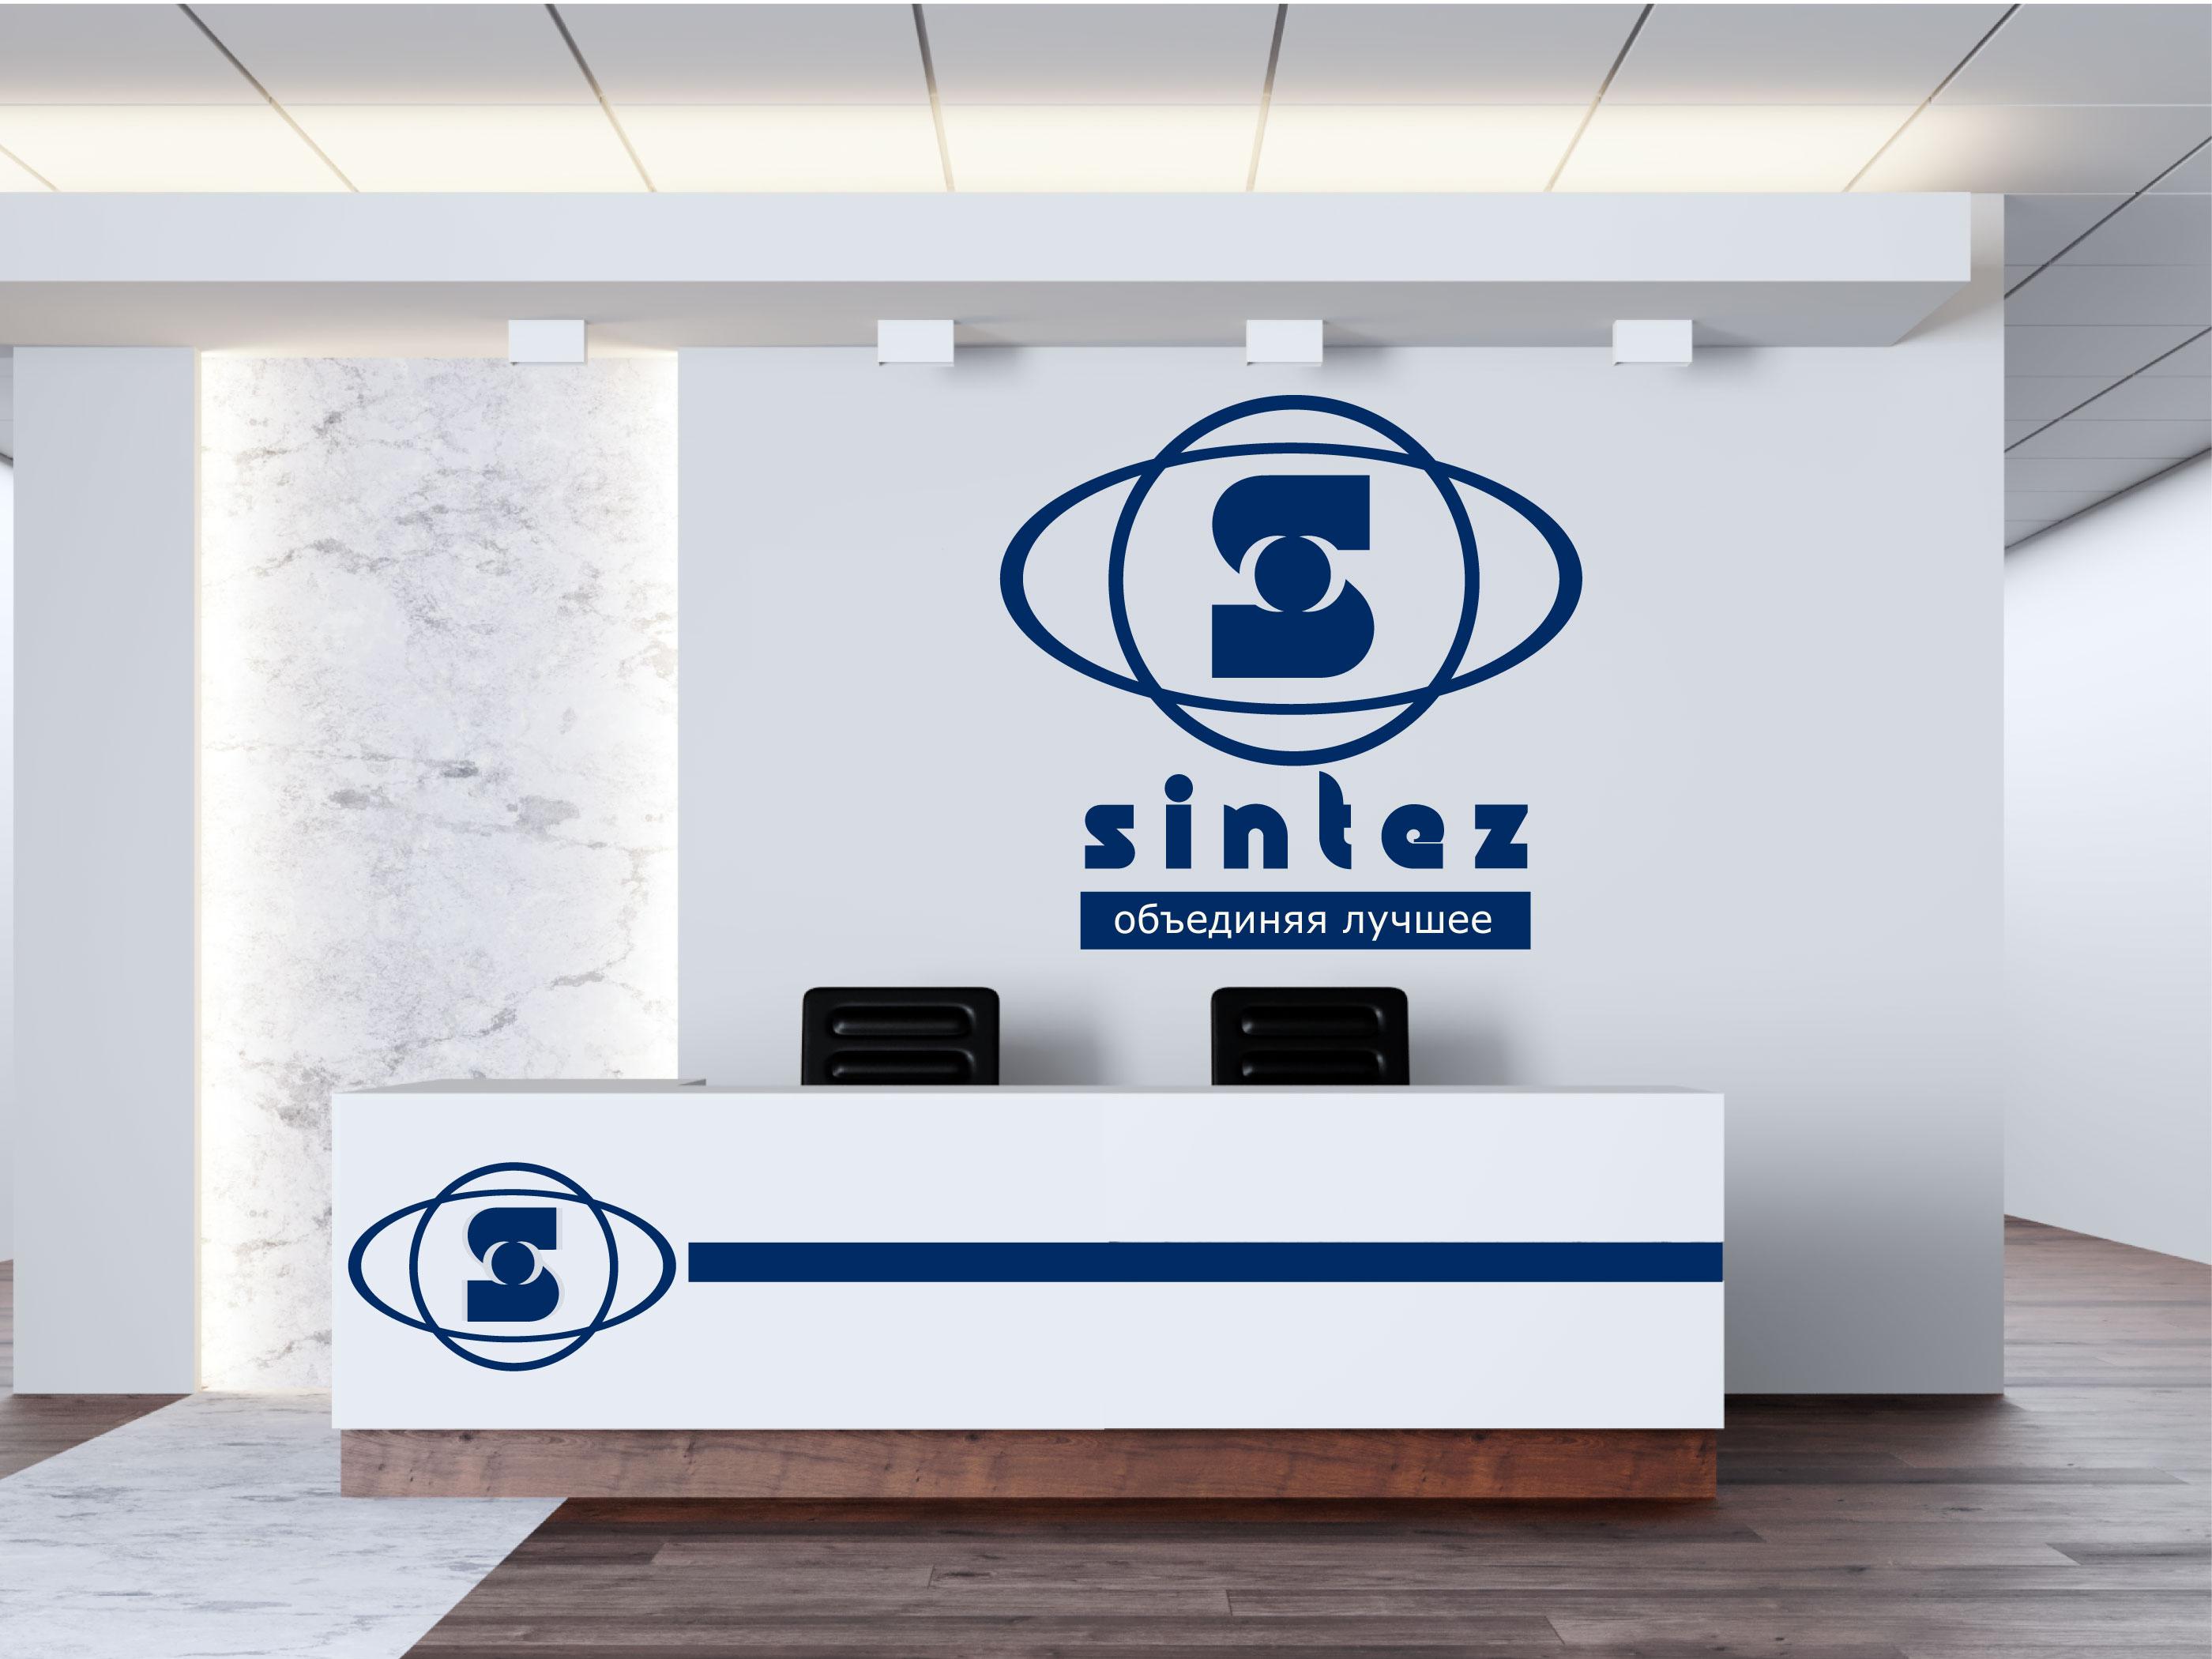 Разрабтка логотипа компании и фирменного шрифта фото f_1055f60a2e9abe0e.jpg